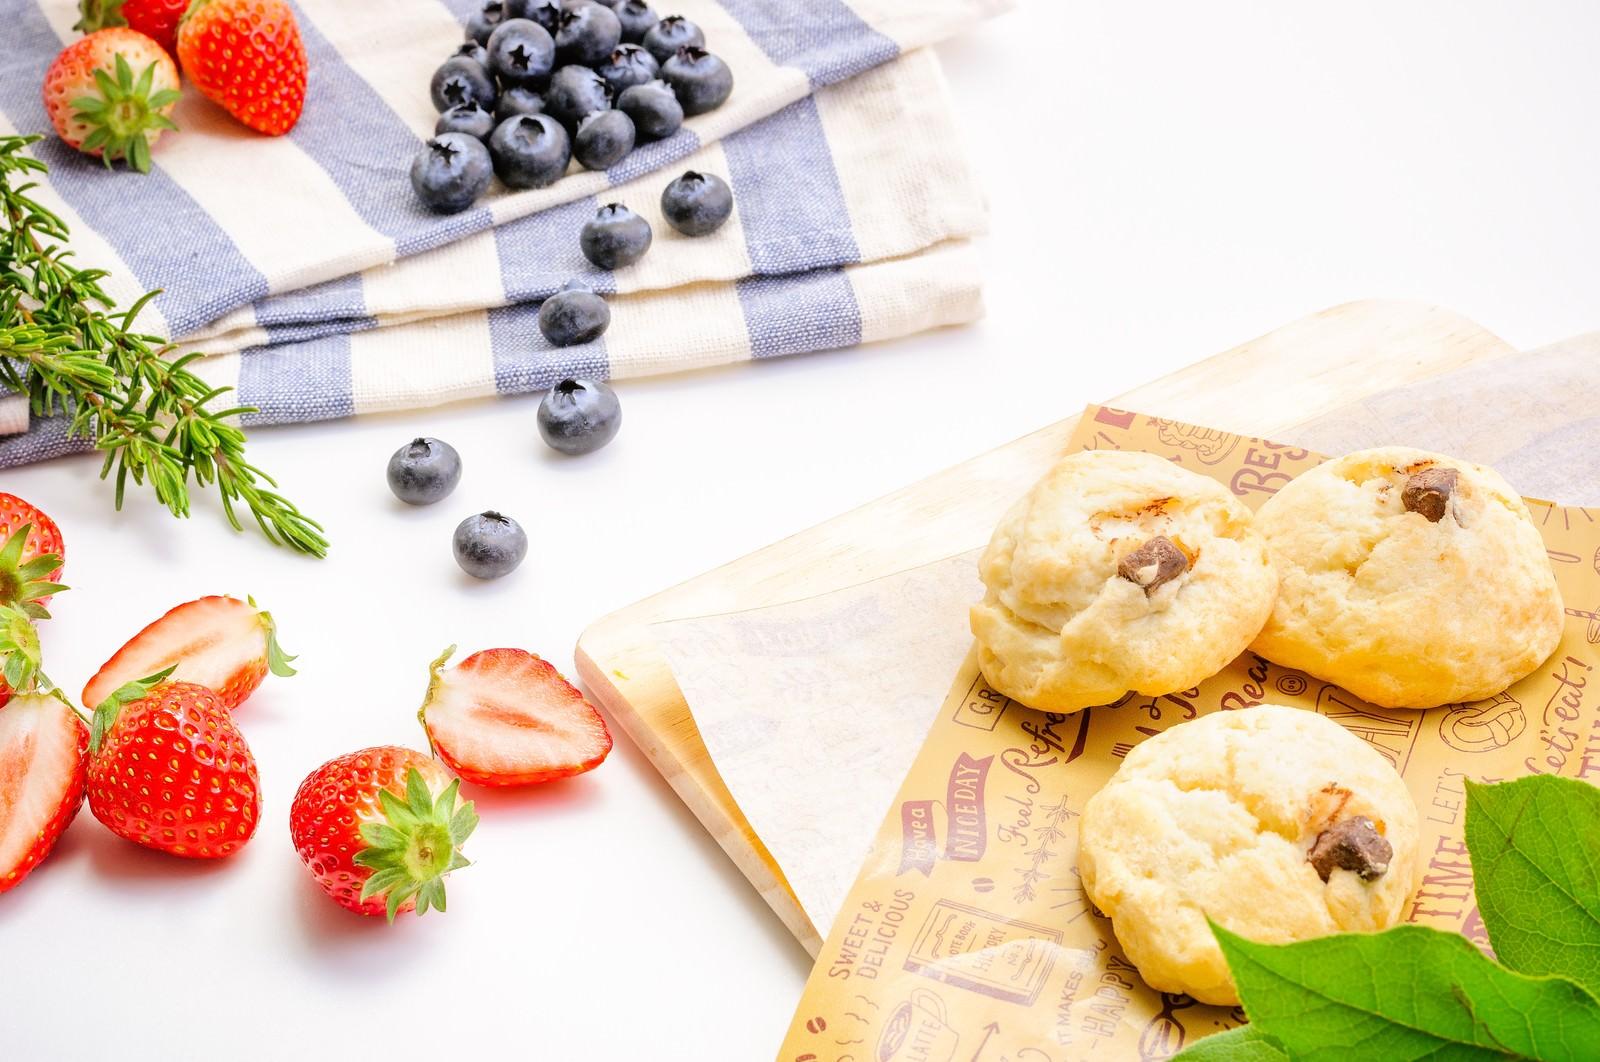 「朝食は美味しいフルーツ(苺とブルーベリー)朝食は美味しいフルーツ(苺とブルーベリー)」のフリー写真素材を拡大